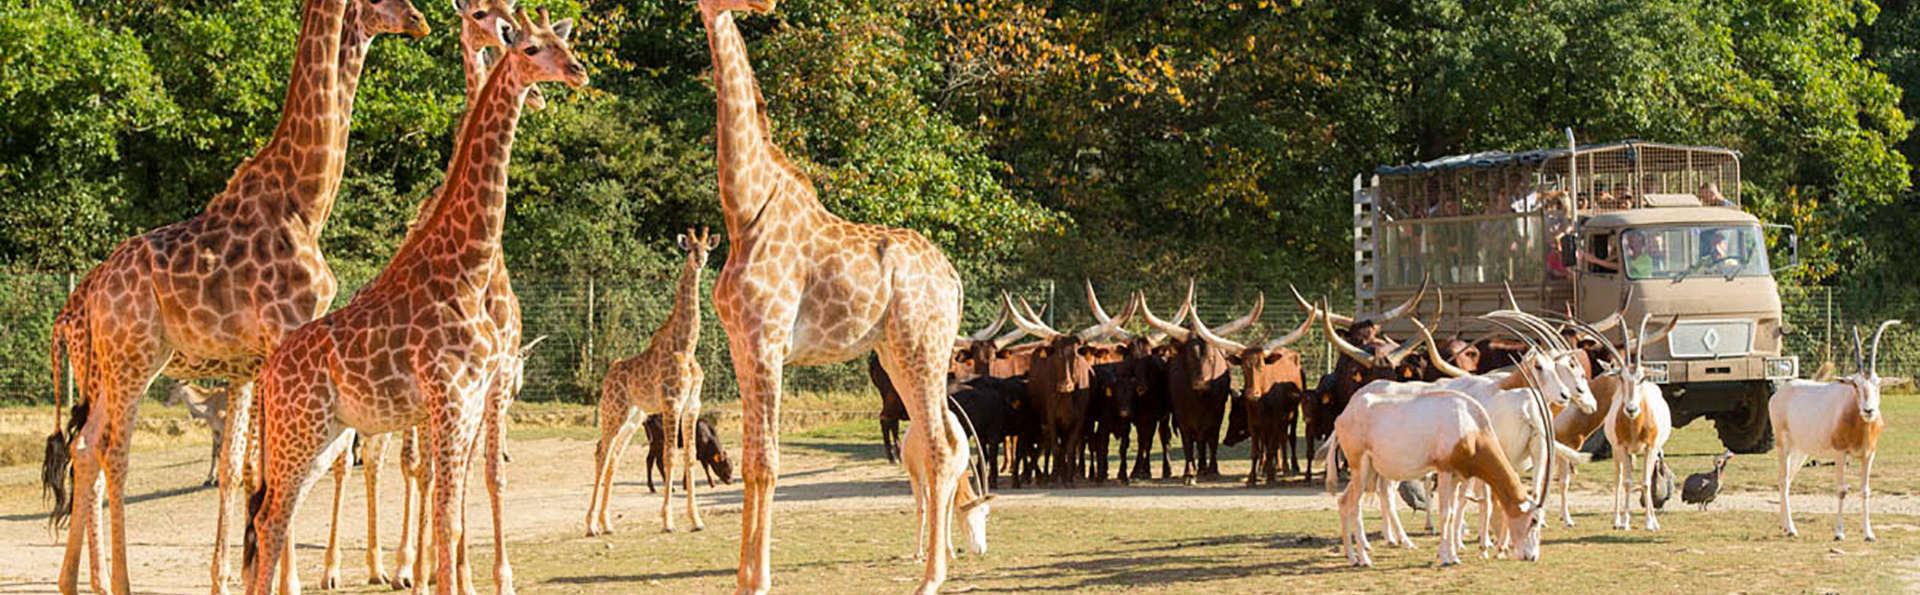 Escapada con entrada al parque zoológico de París